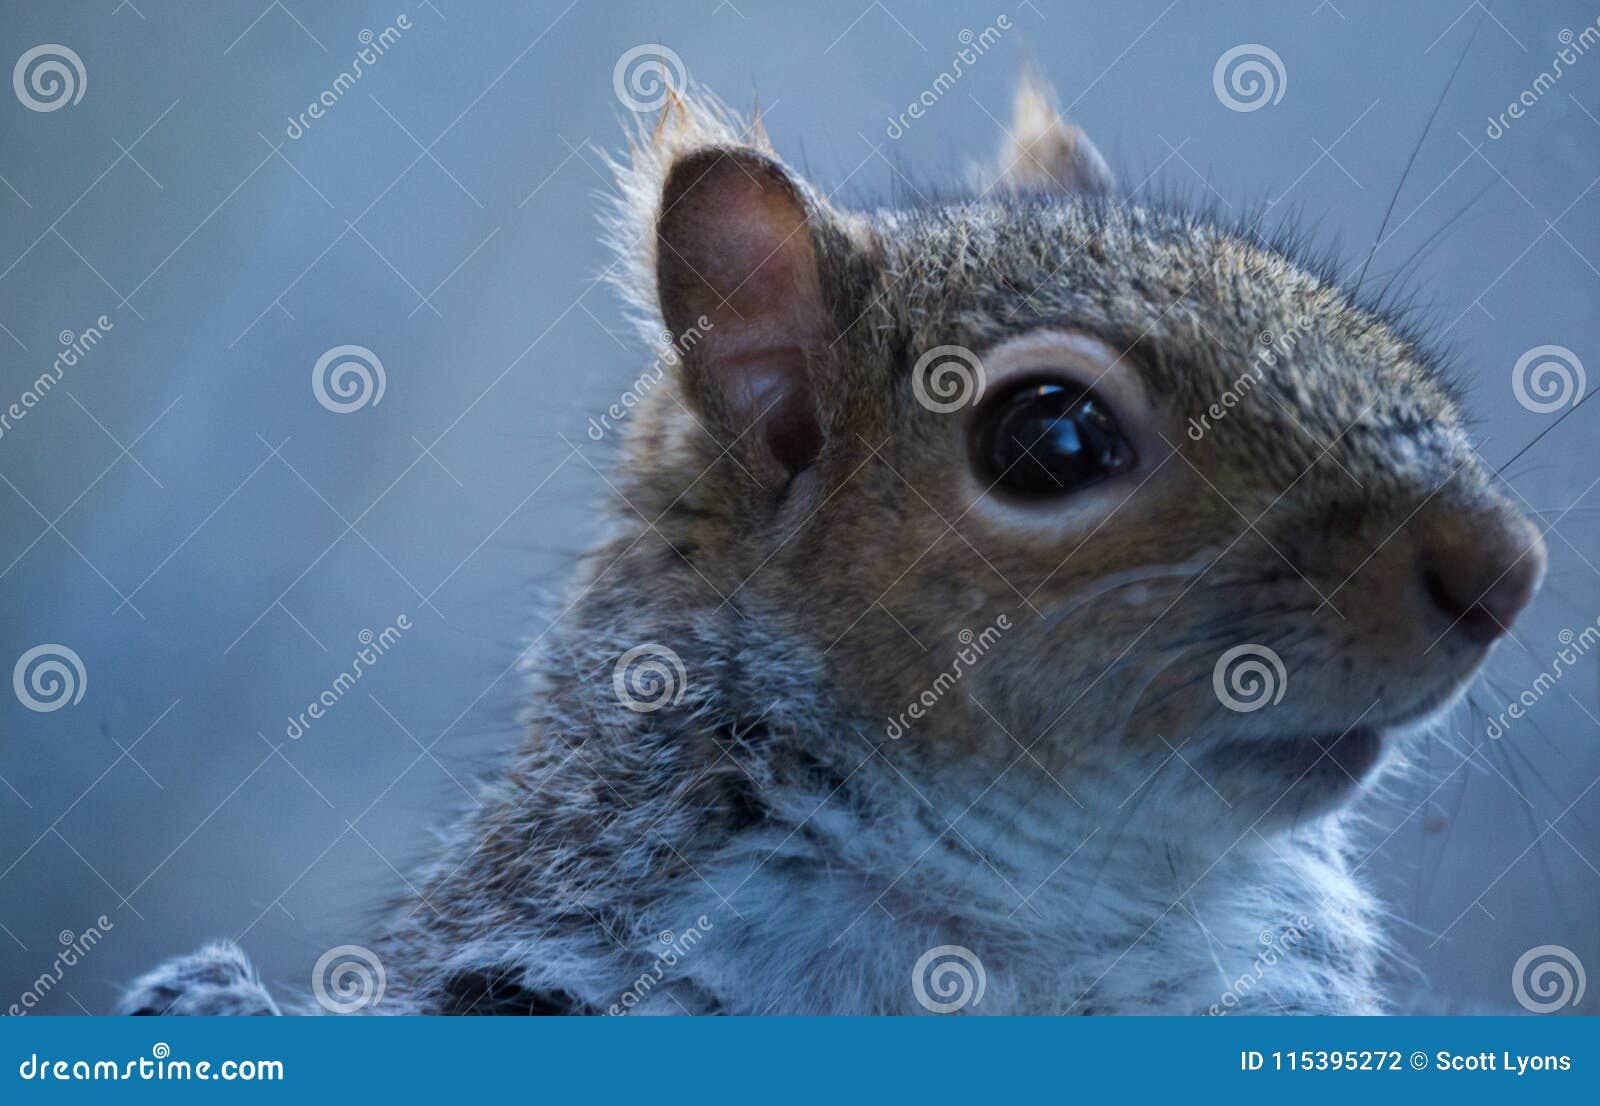 Regard haut étroit d écureuil droit